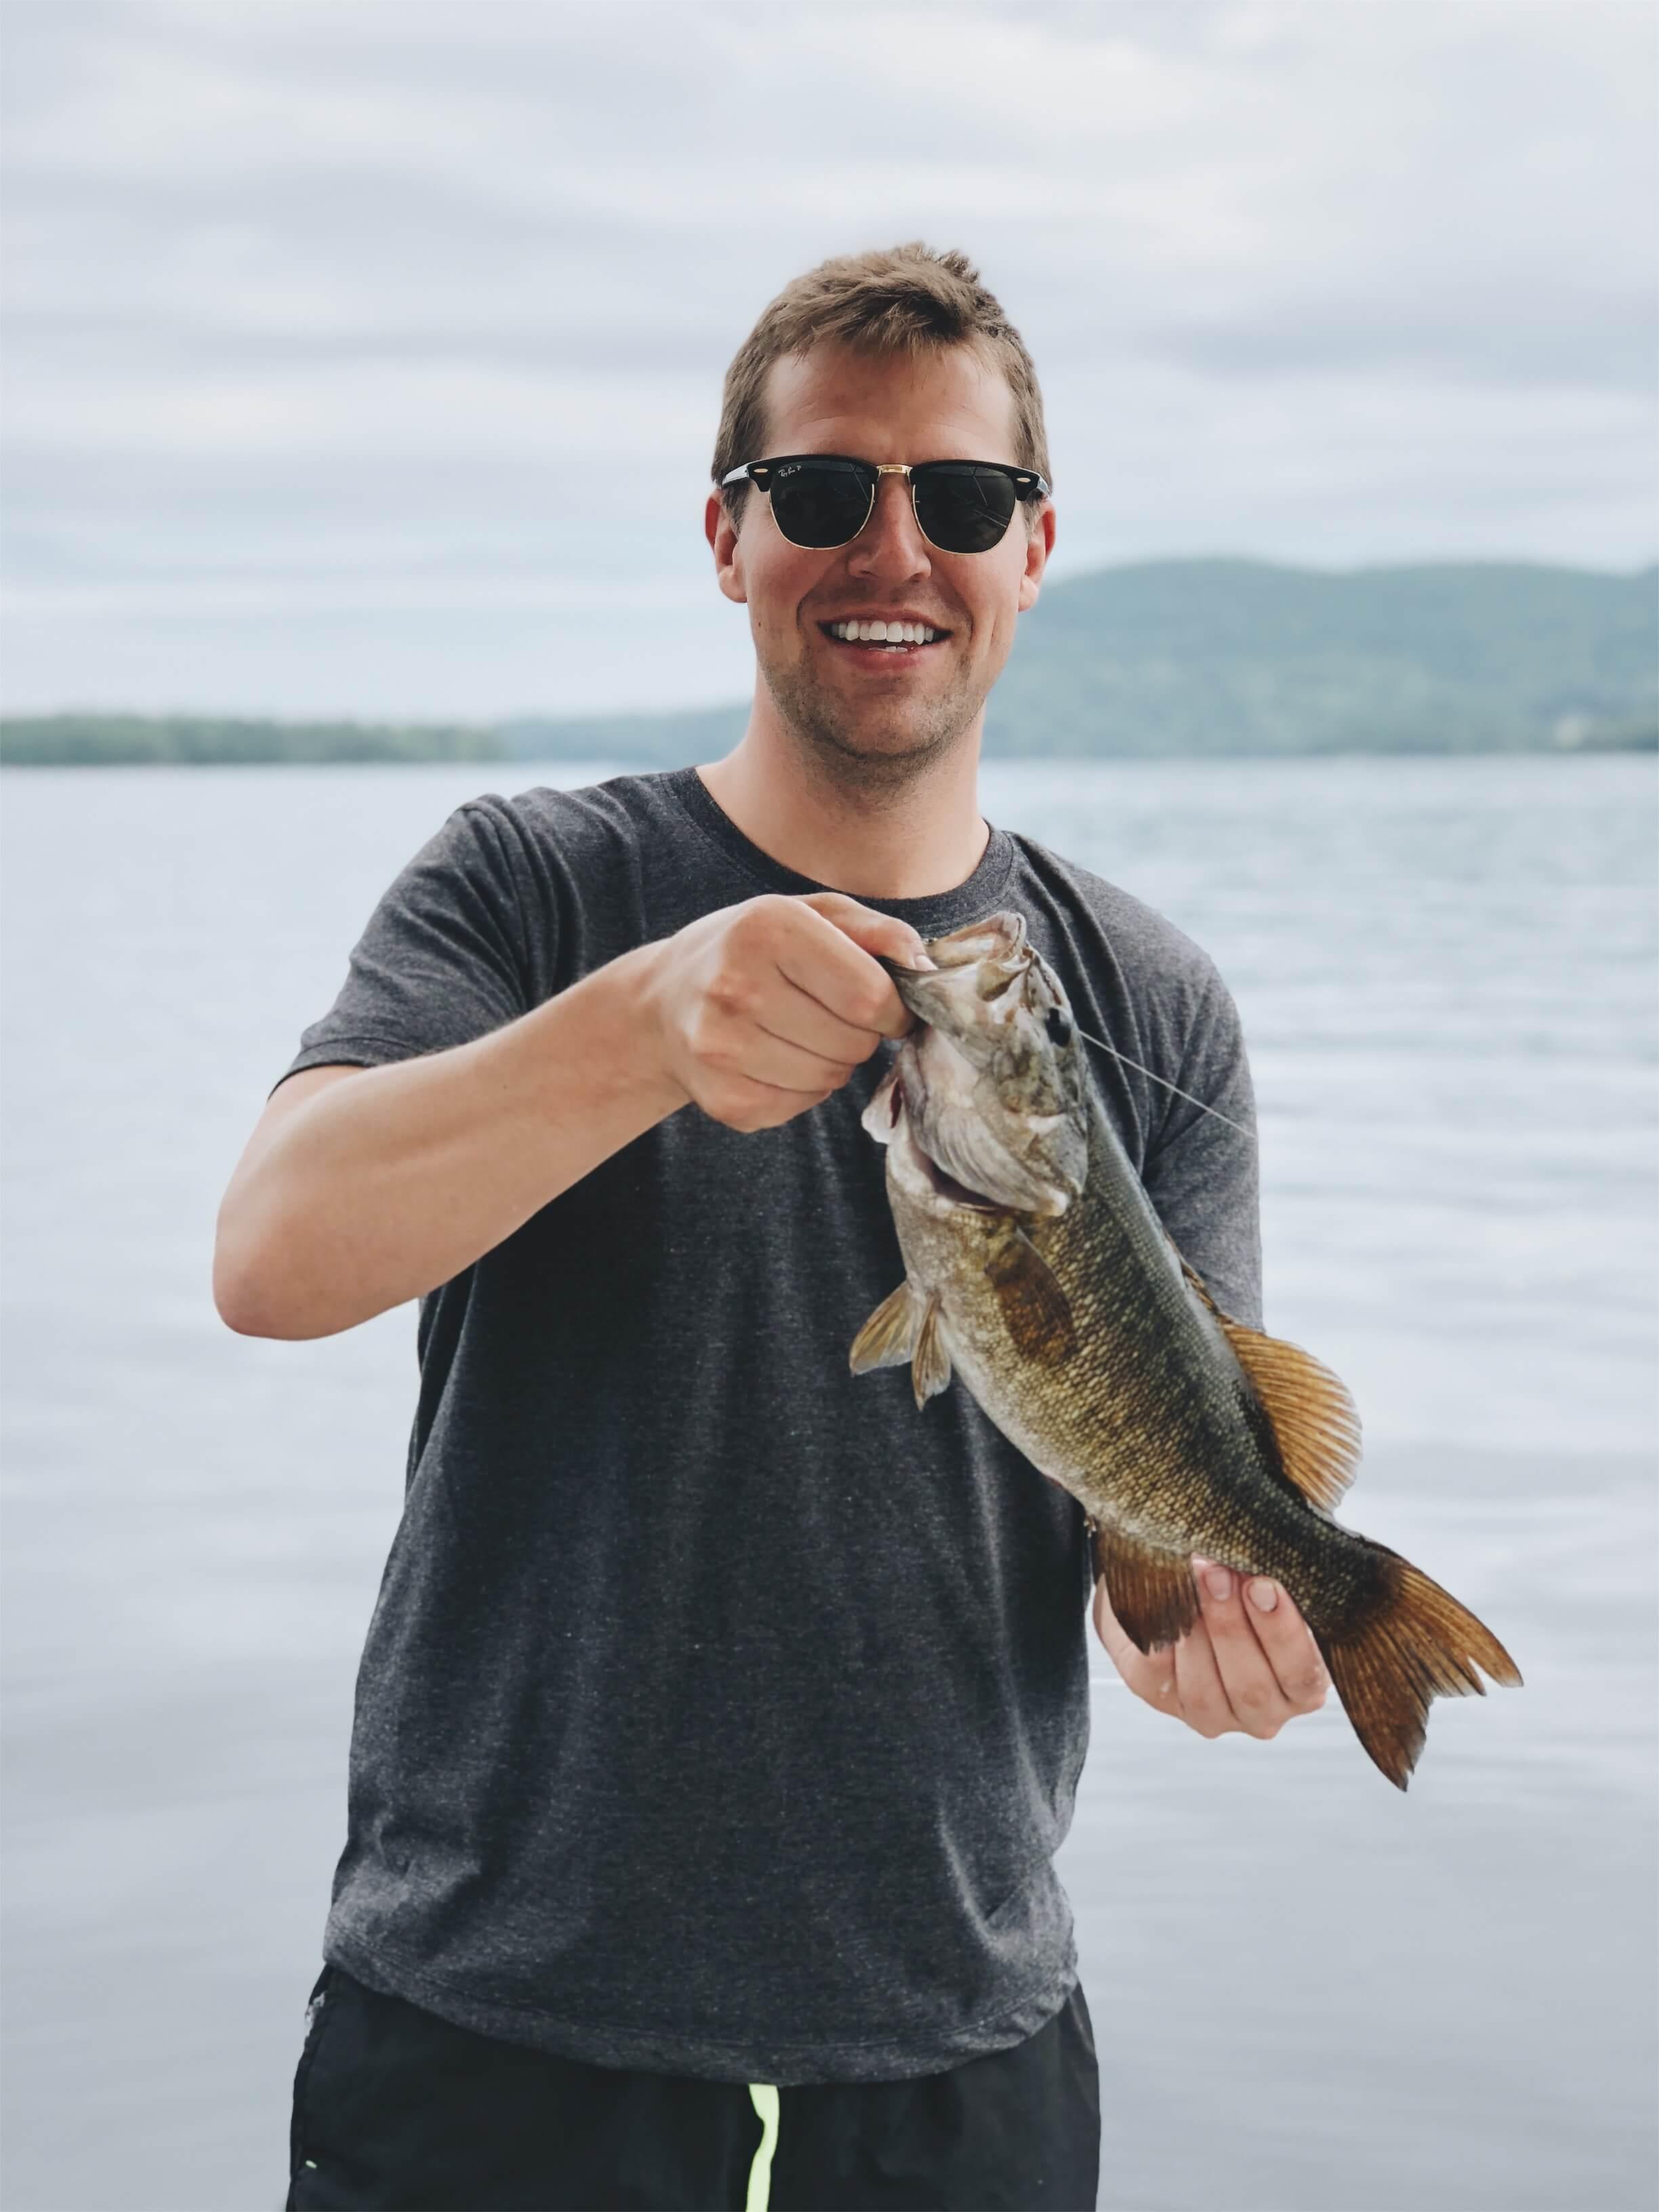 Catching small mouth bass fishing Squam Lake